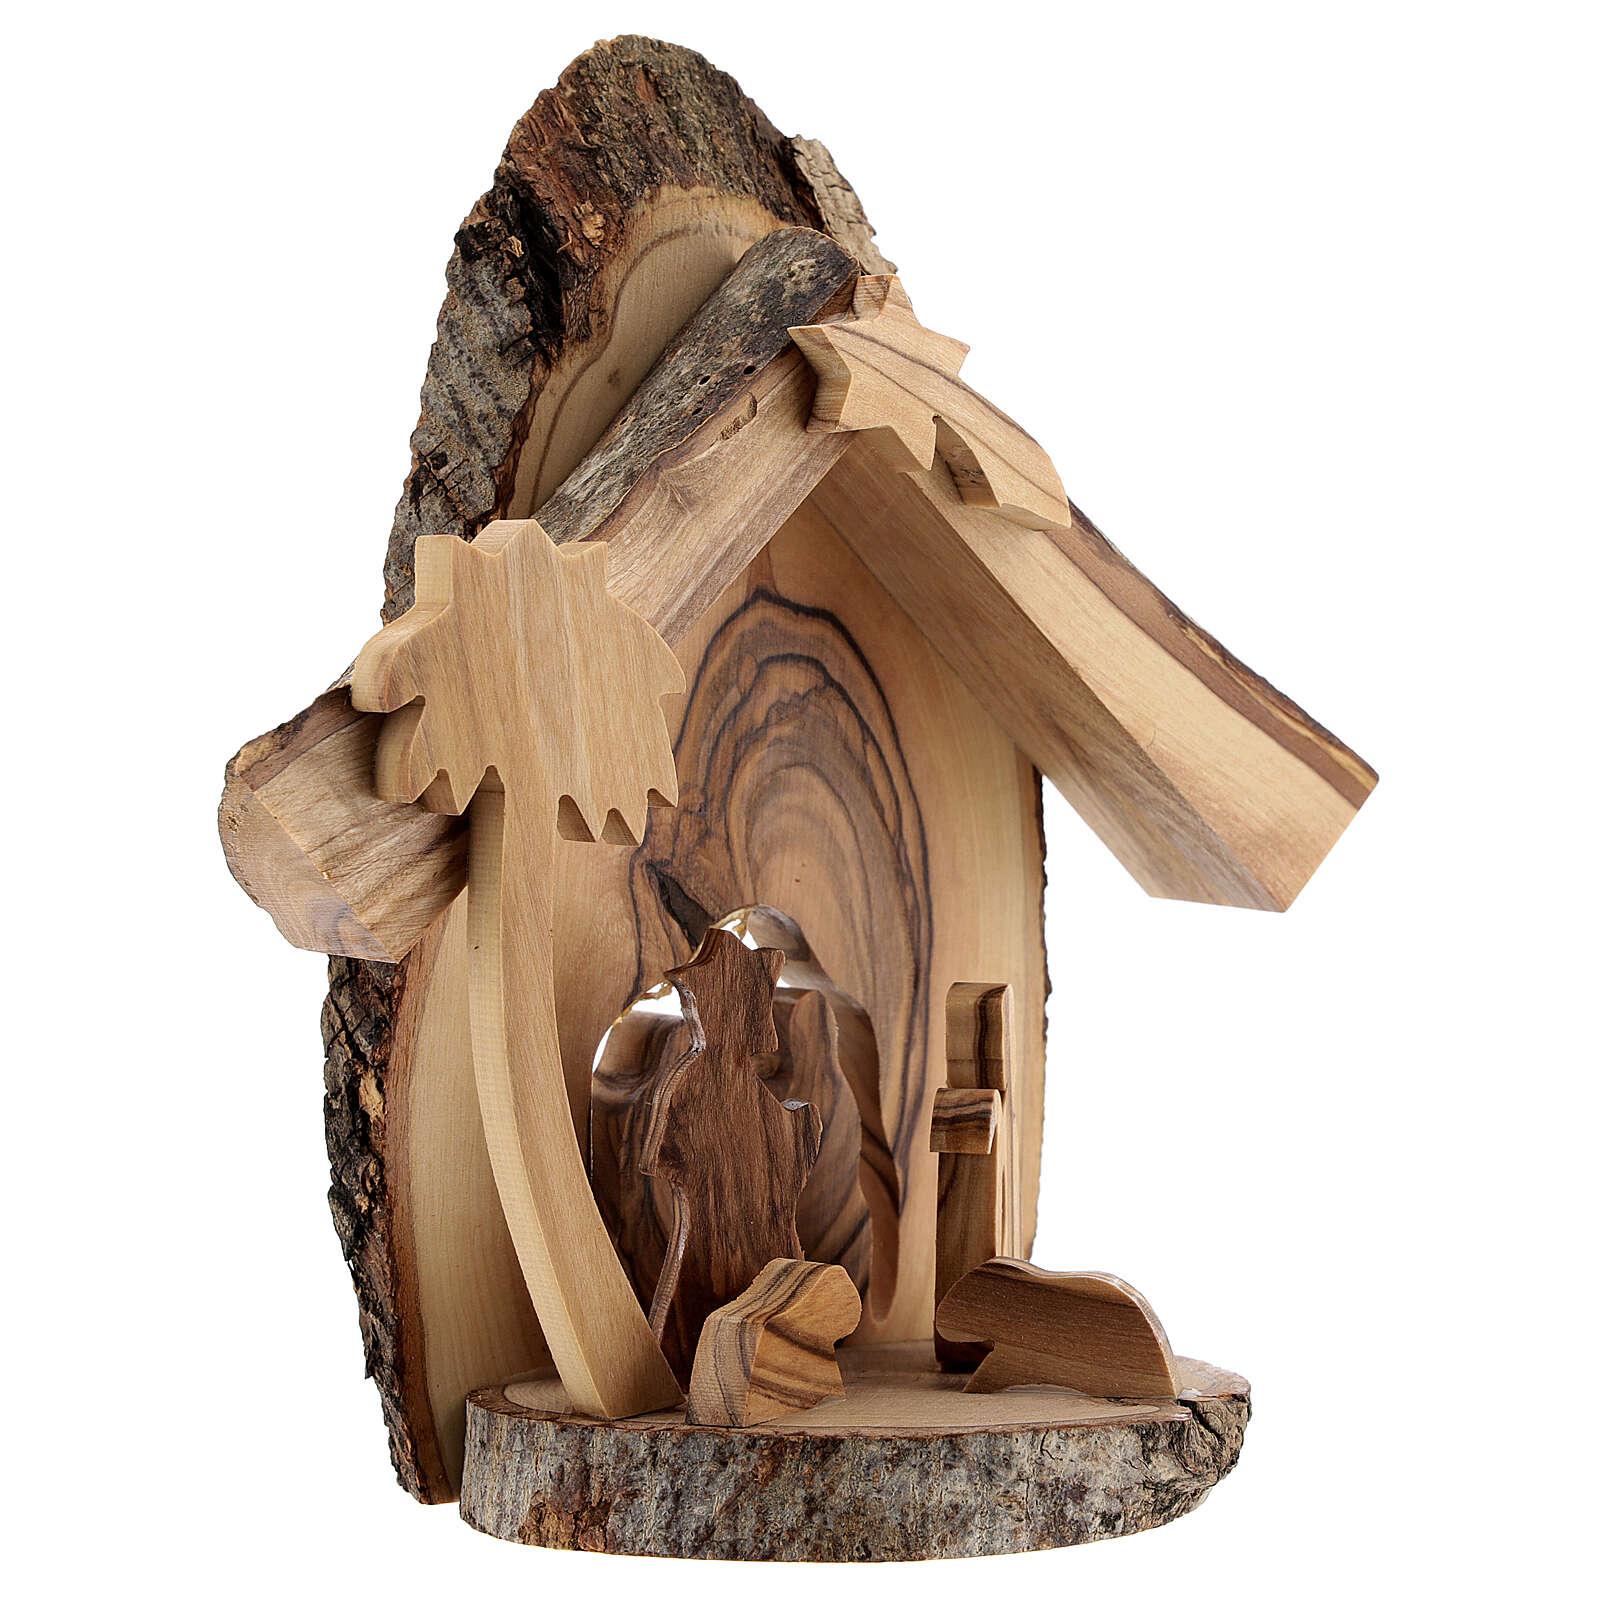 Cabaña Natividad 4 cm sección tronco olivo Belén 15x15x5 cm 4